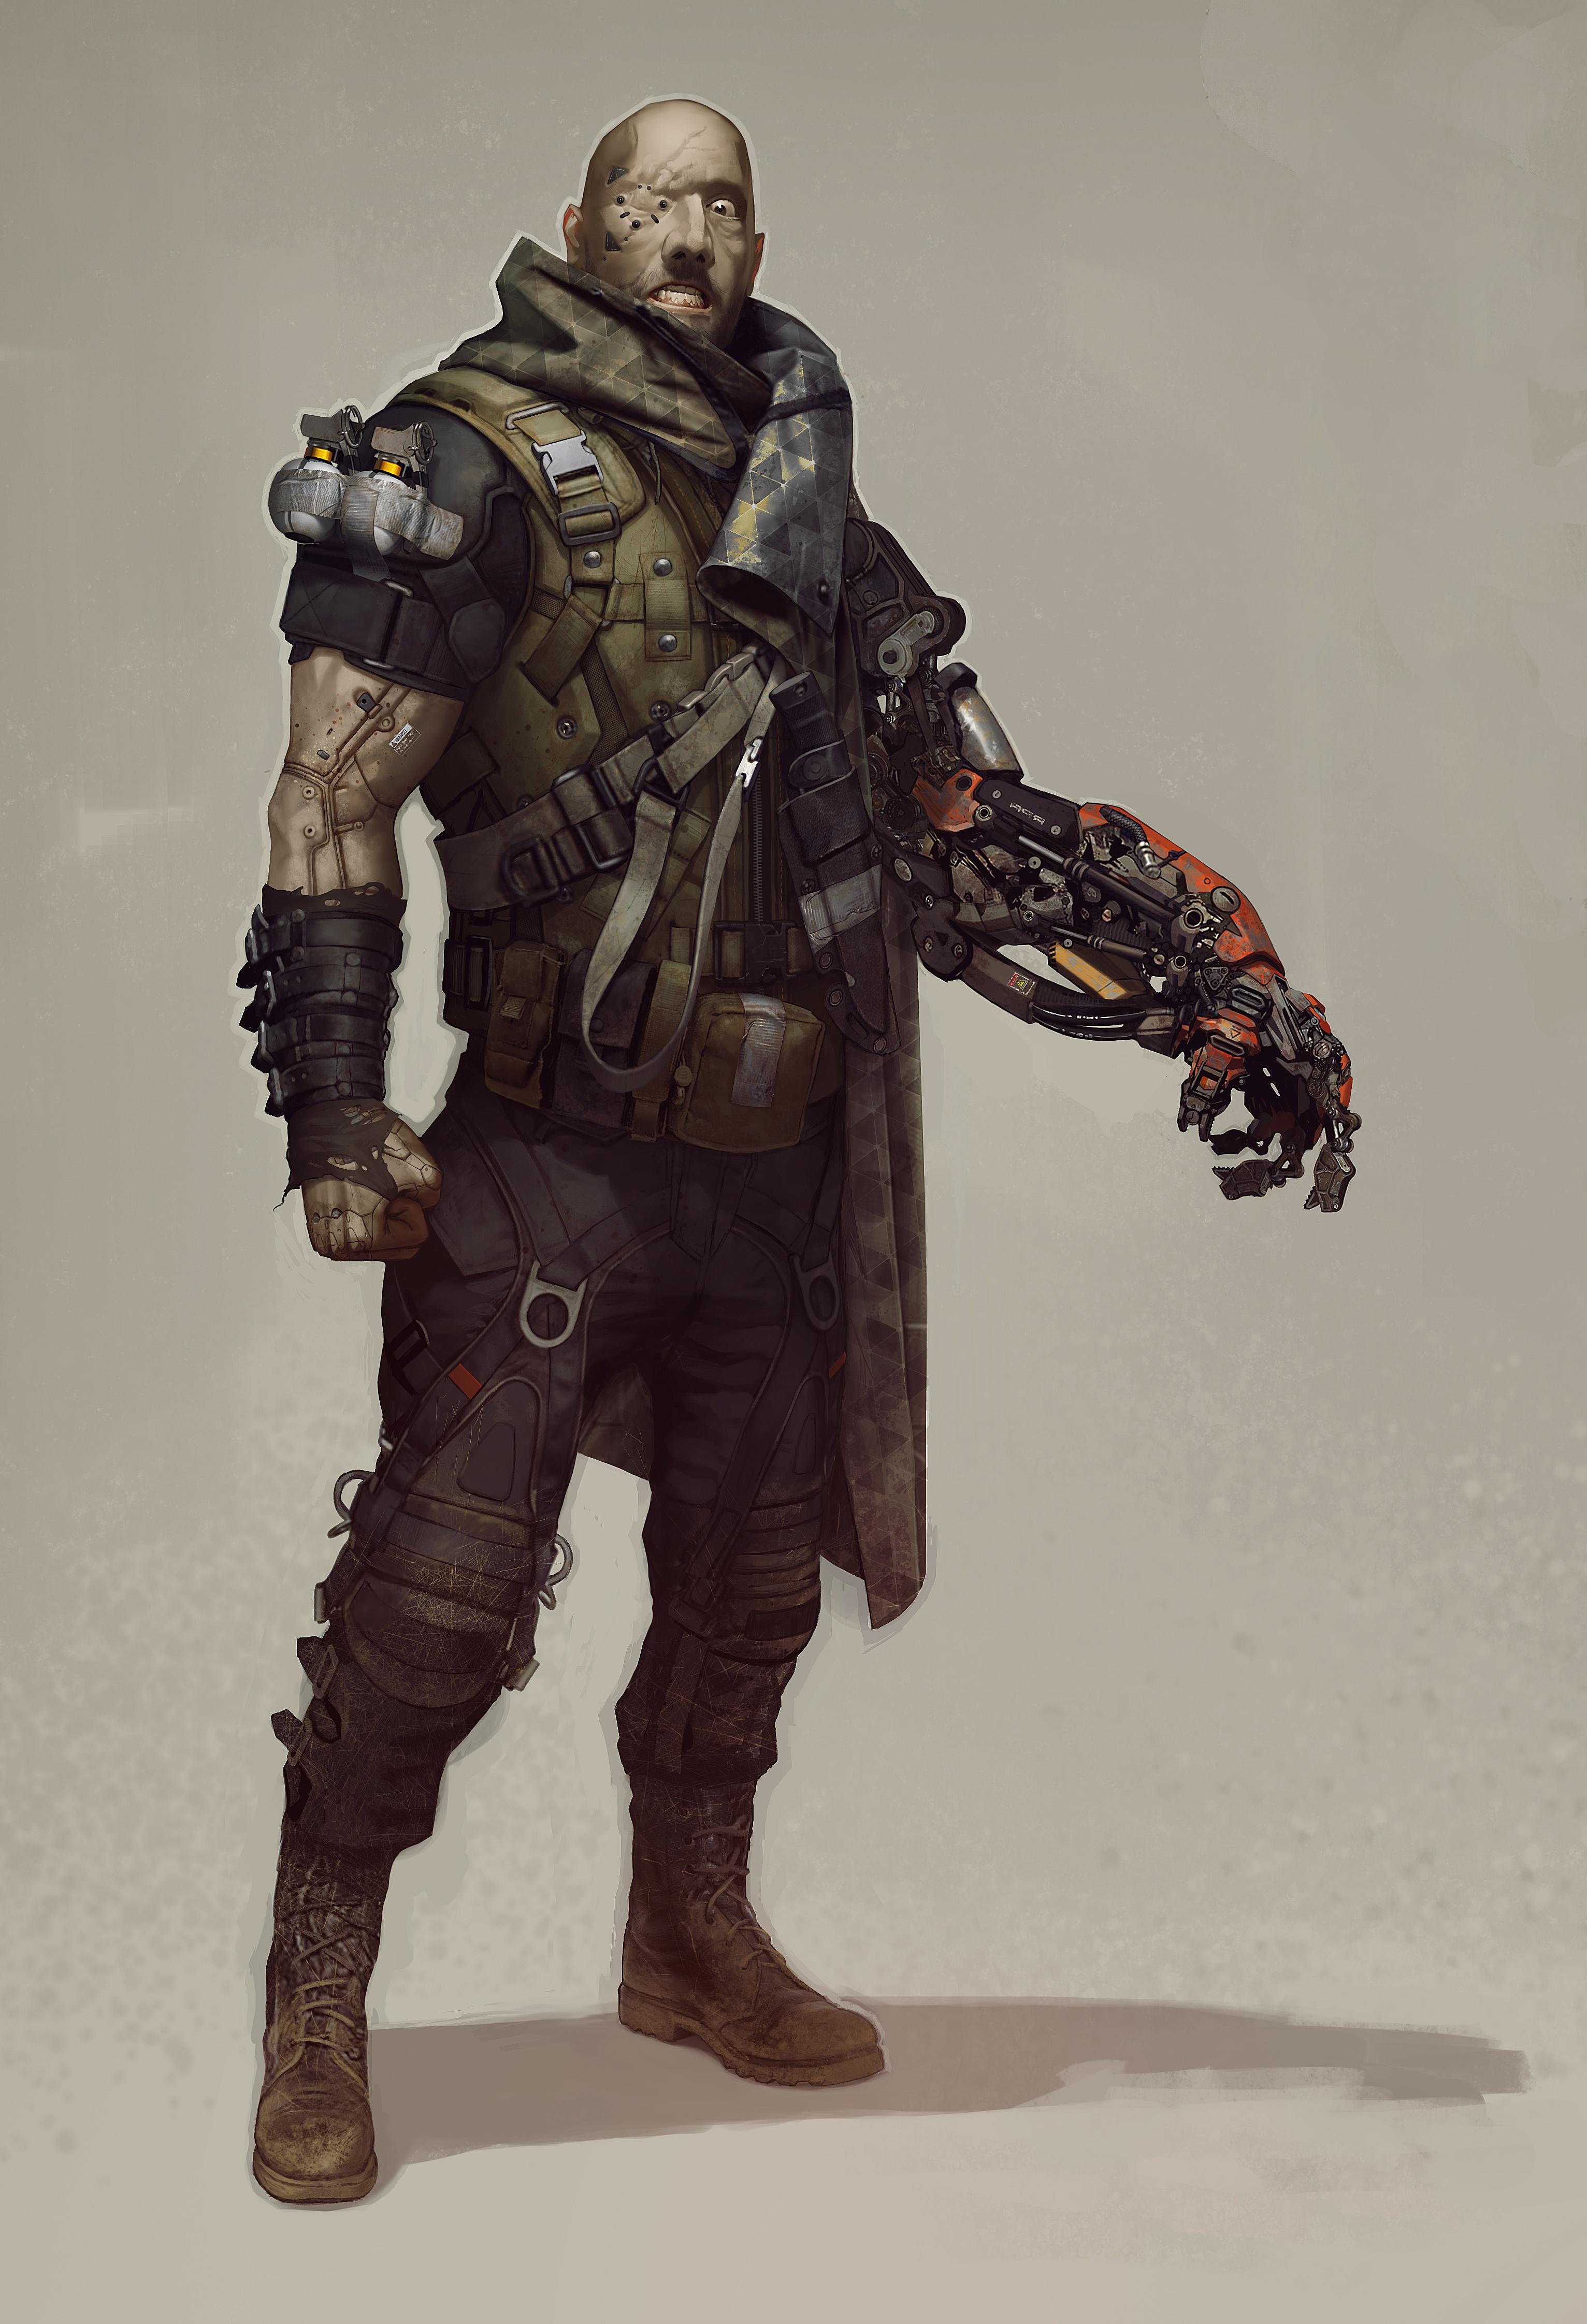 Množství obrazových materiálů z Deus Ex: Mankind Divided 111606